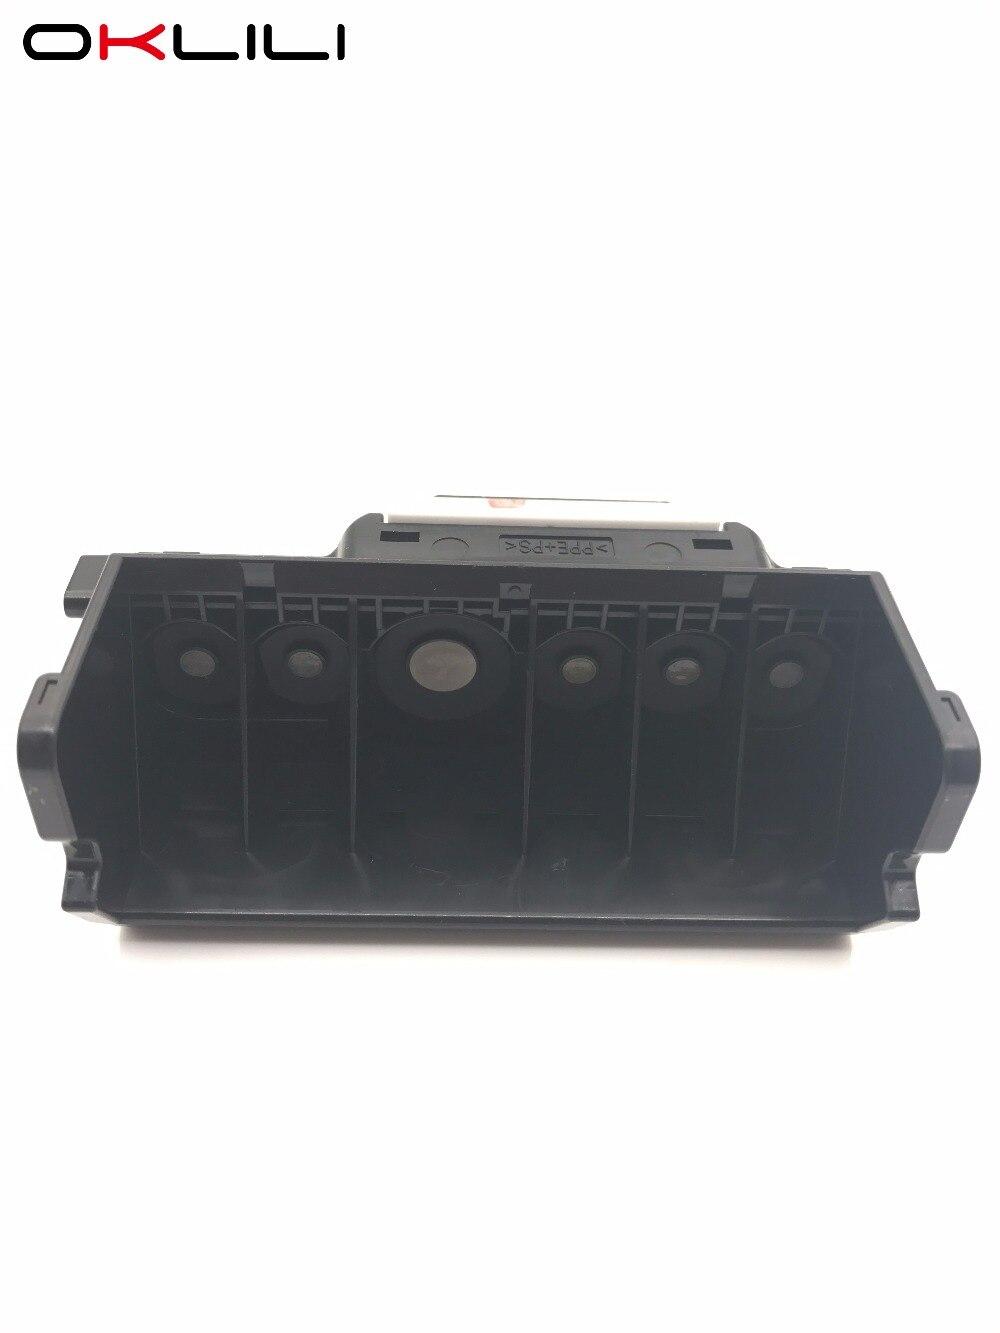 OKLILI QY6 0078 Printhead Print Head Printer for Canon MP990 MP996 MG6120 MG6140 MG6180 MG6280 MG8120